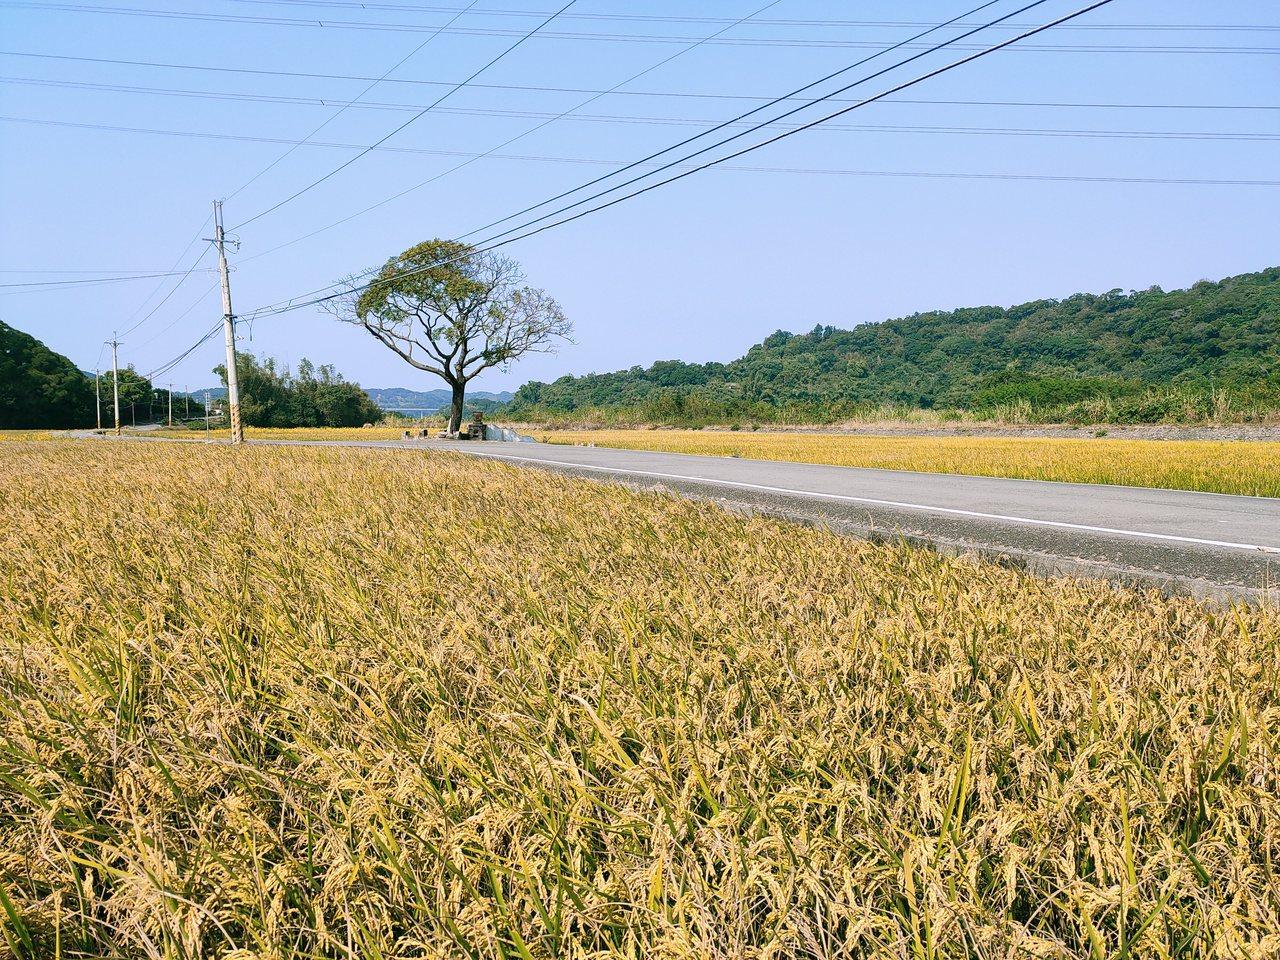 西湖鄉的黃金一路,場景酷似金城武樹。 圖/苗栗縣西湖鄉休閒產業發展協會 提供